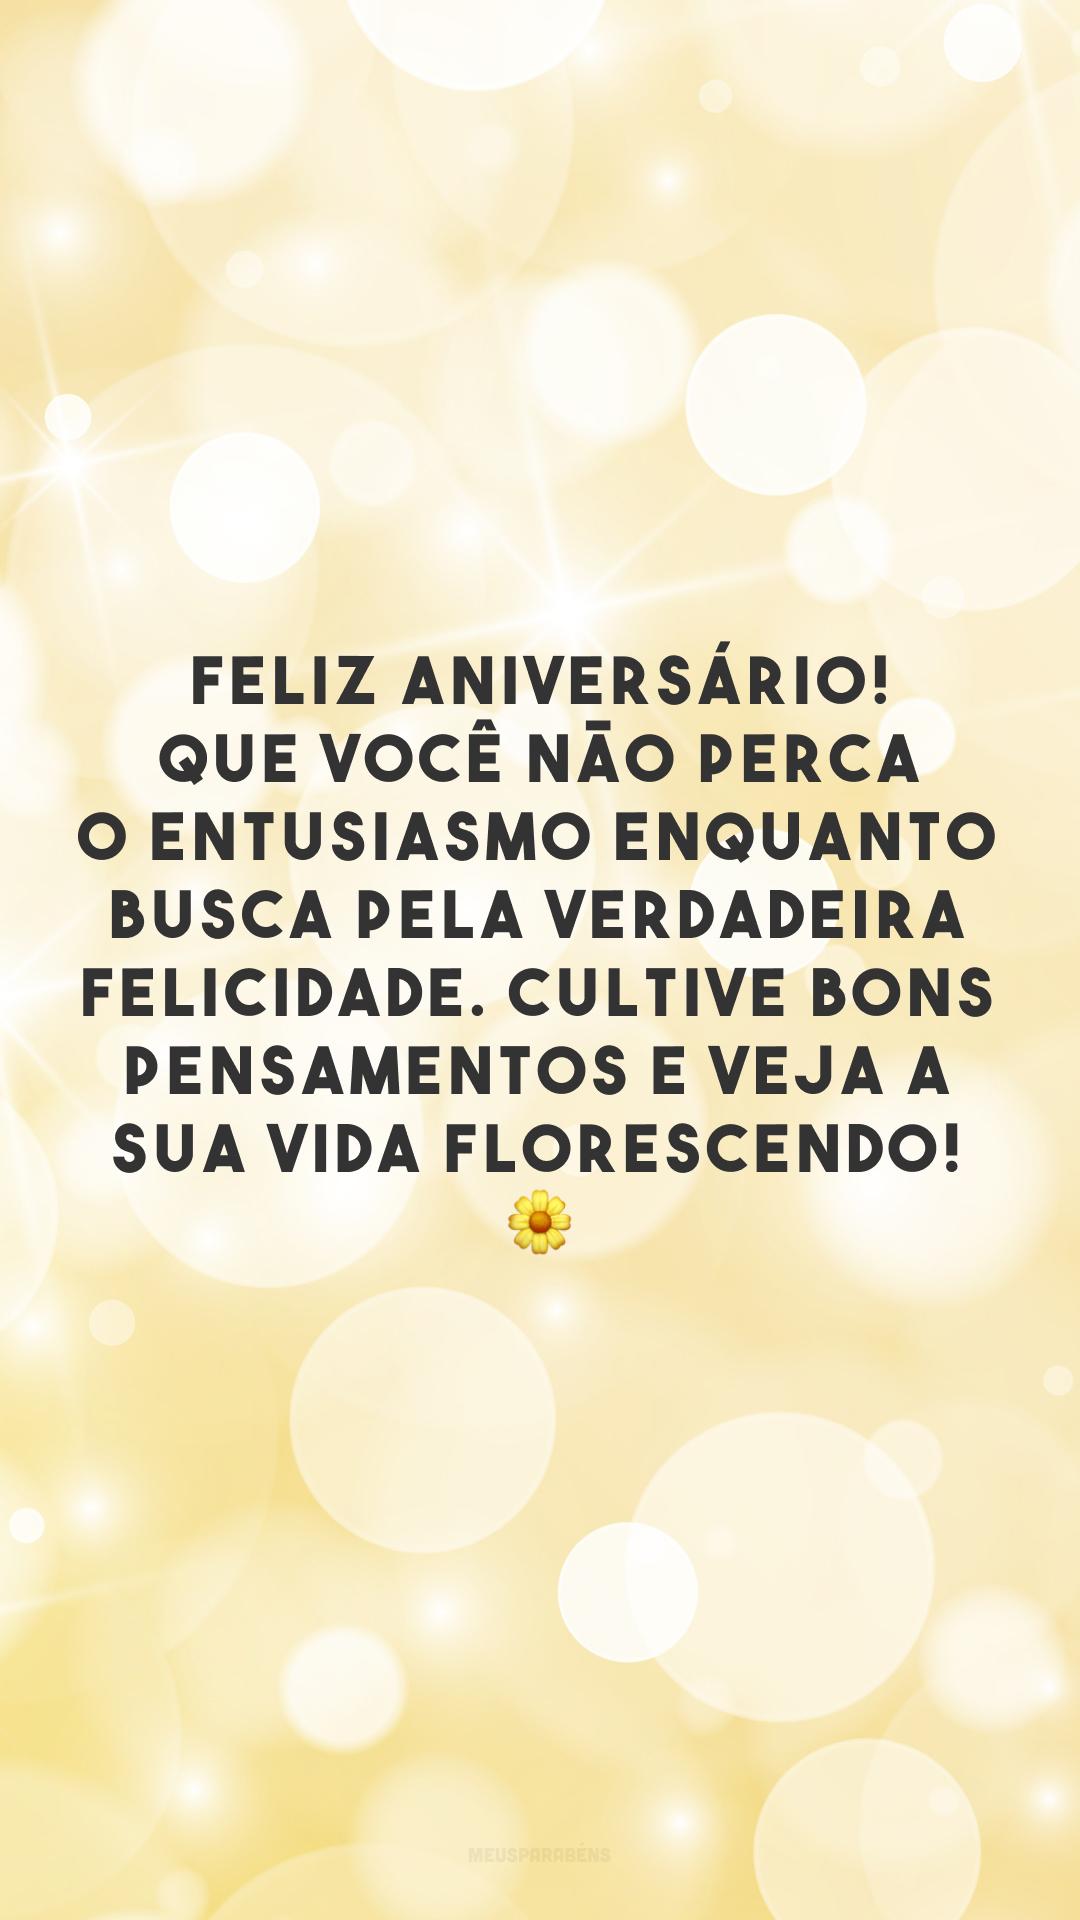 Feliz aniversário! Que você não perca o entusiasmo enquanto busca pela verdadeira felicidade. Cultive bons pensamentos e veja a sua vida florescendo! 🌼